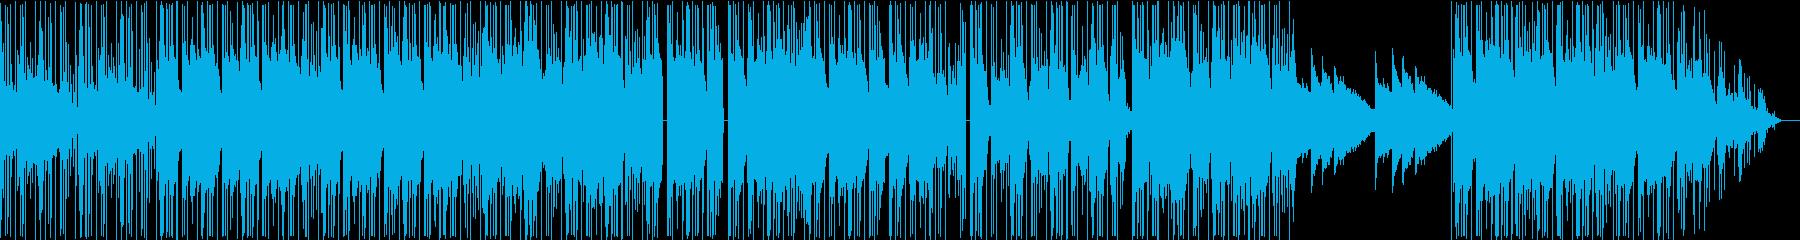 LoFiの再生済みの波形